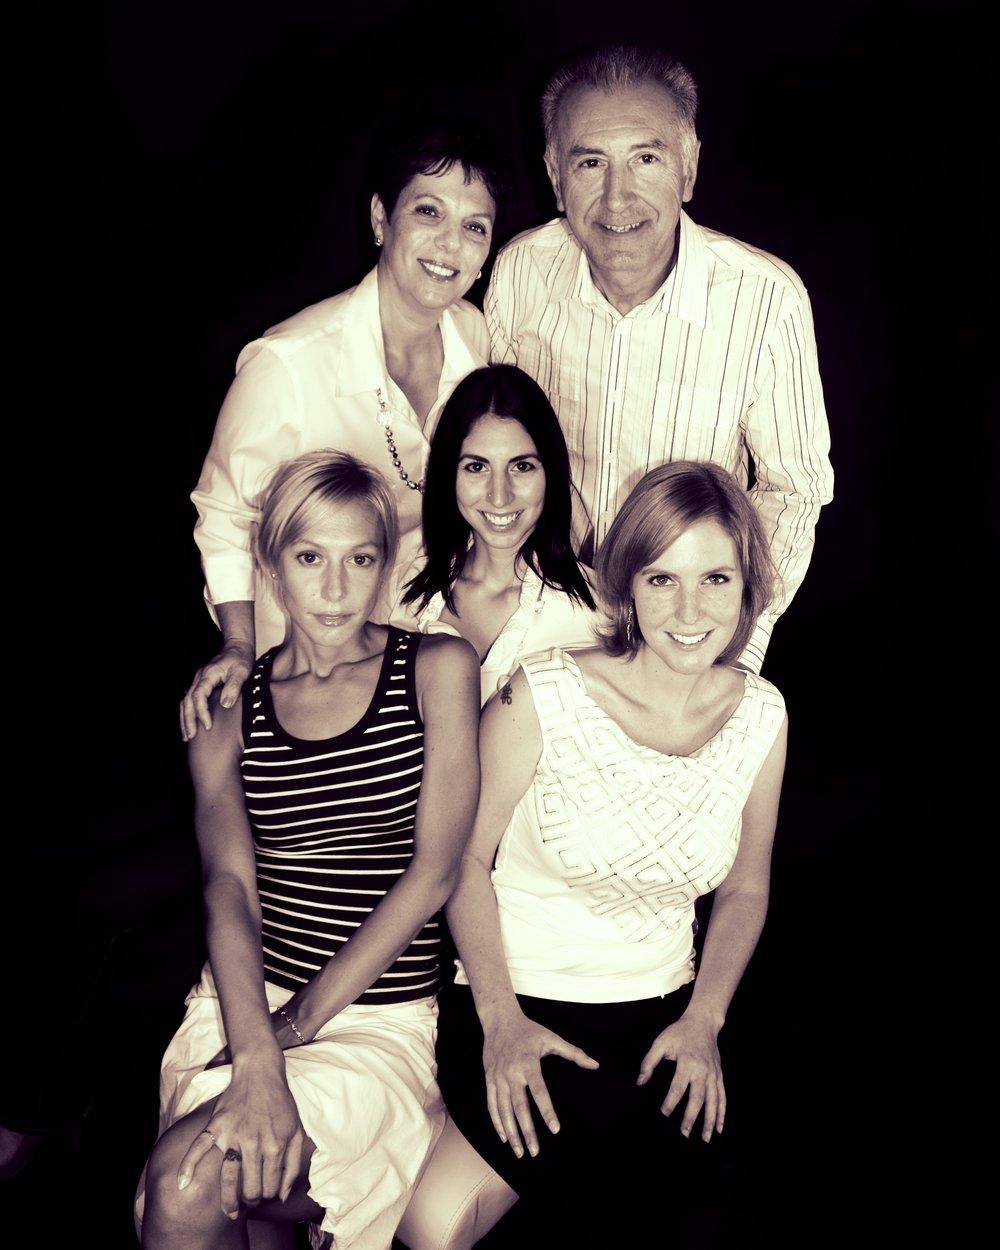 family 072 8 x 10 bw 3x.jpg